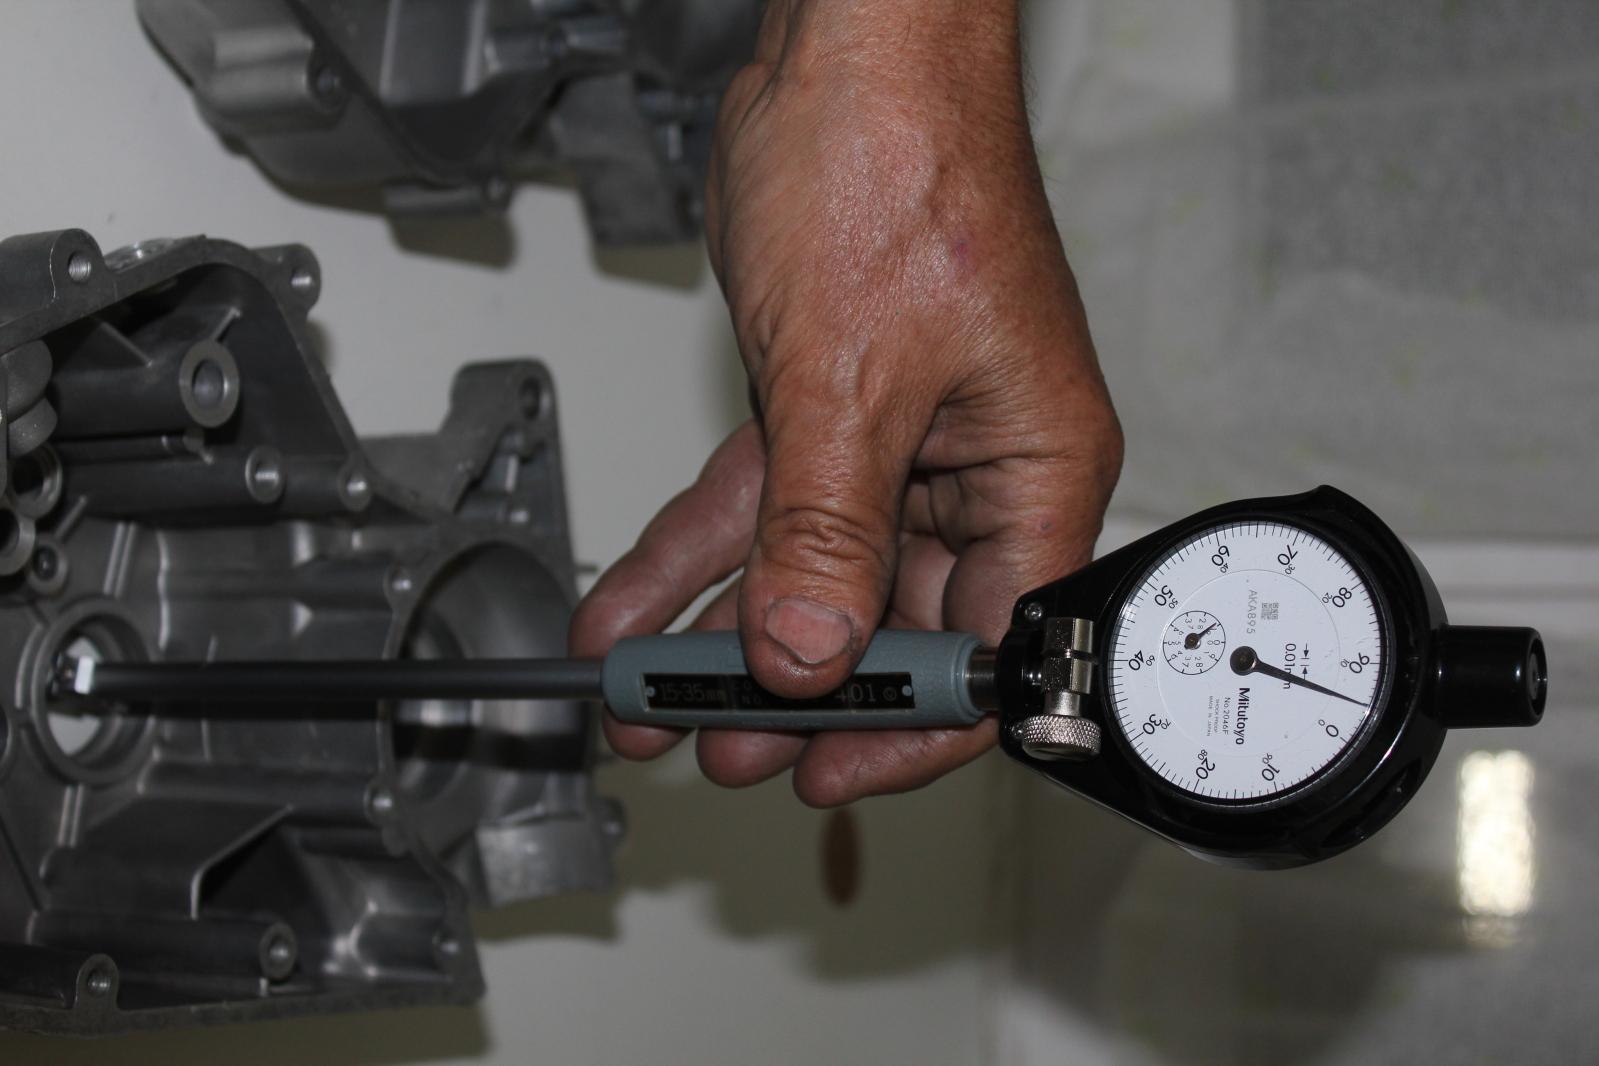 encendido - Mejoras en motores P3 P4 RV4 DL P6 K6... - Página 3 Imrvcx